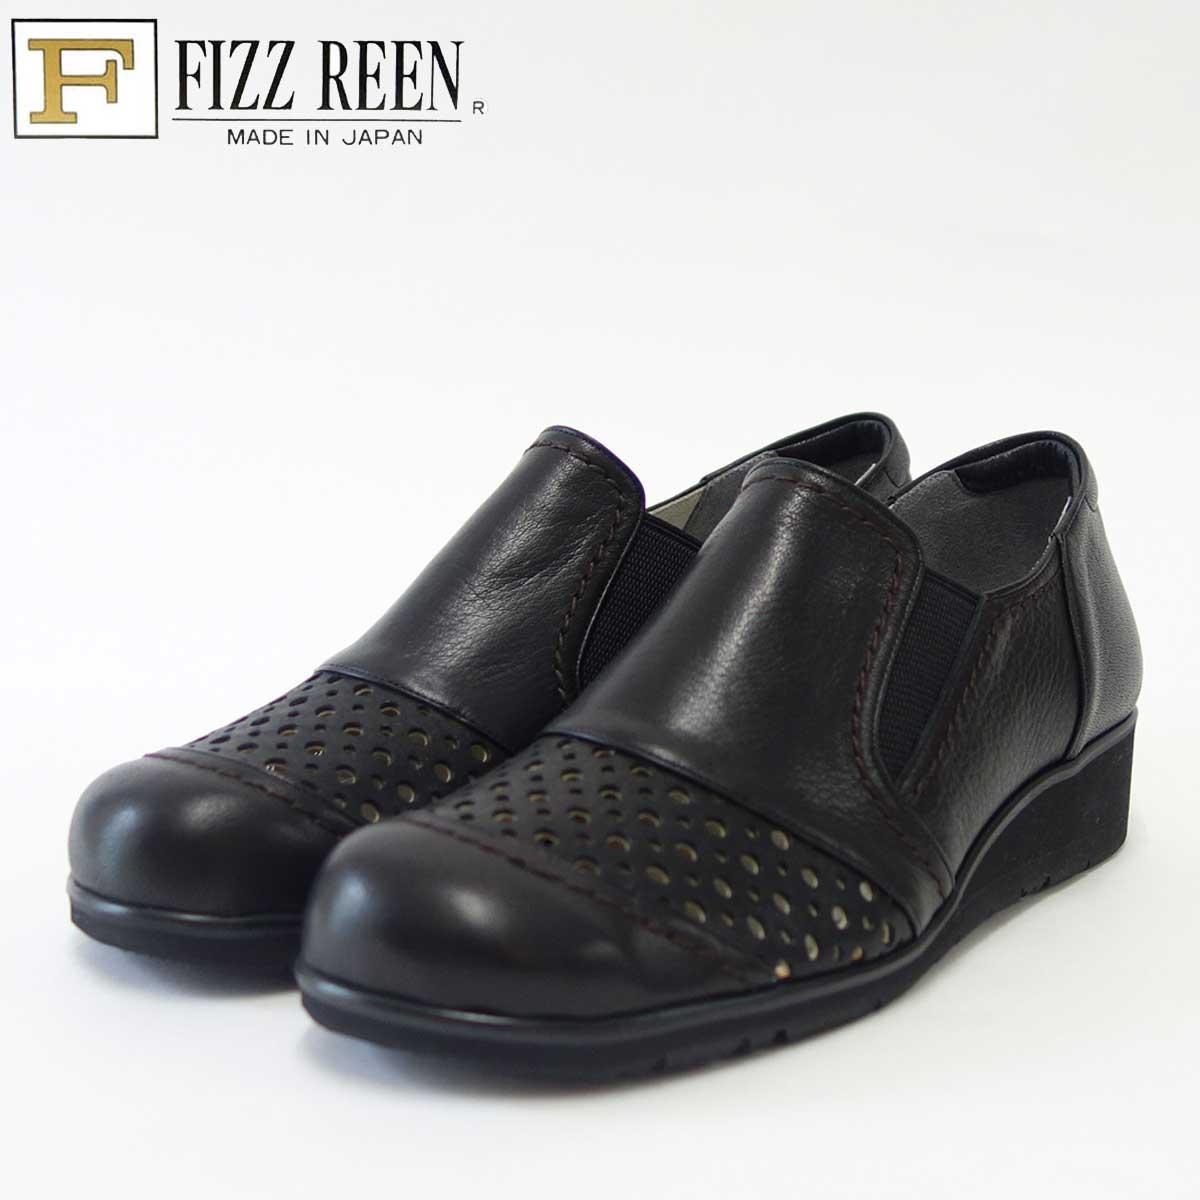 FIZZ REEN フィズリーン 331 ブラック(レディース)足に優しい快適EEEスリッポン「靴」